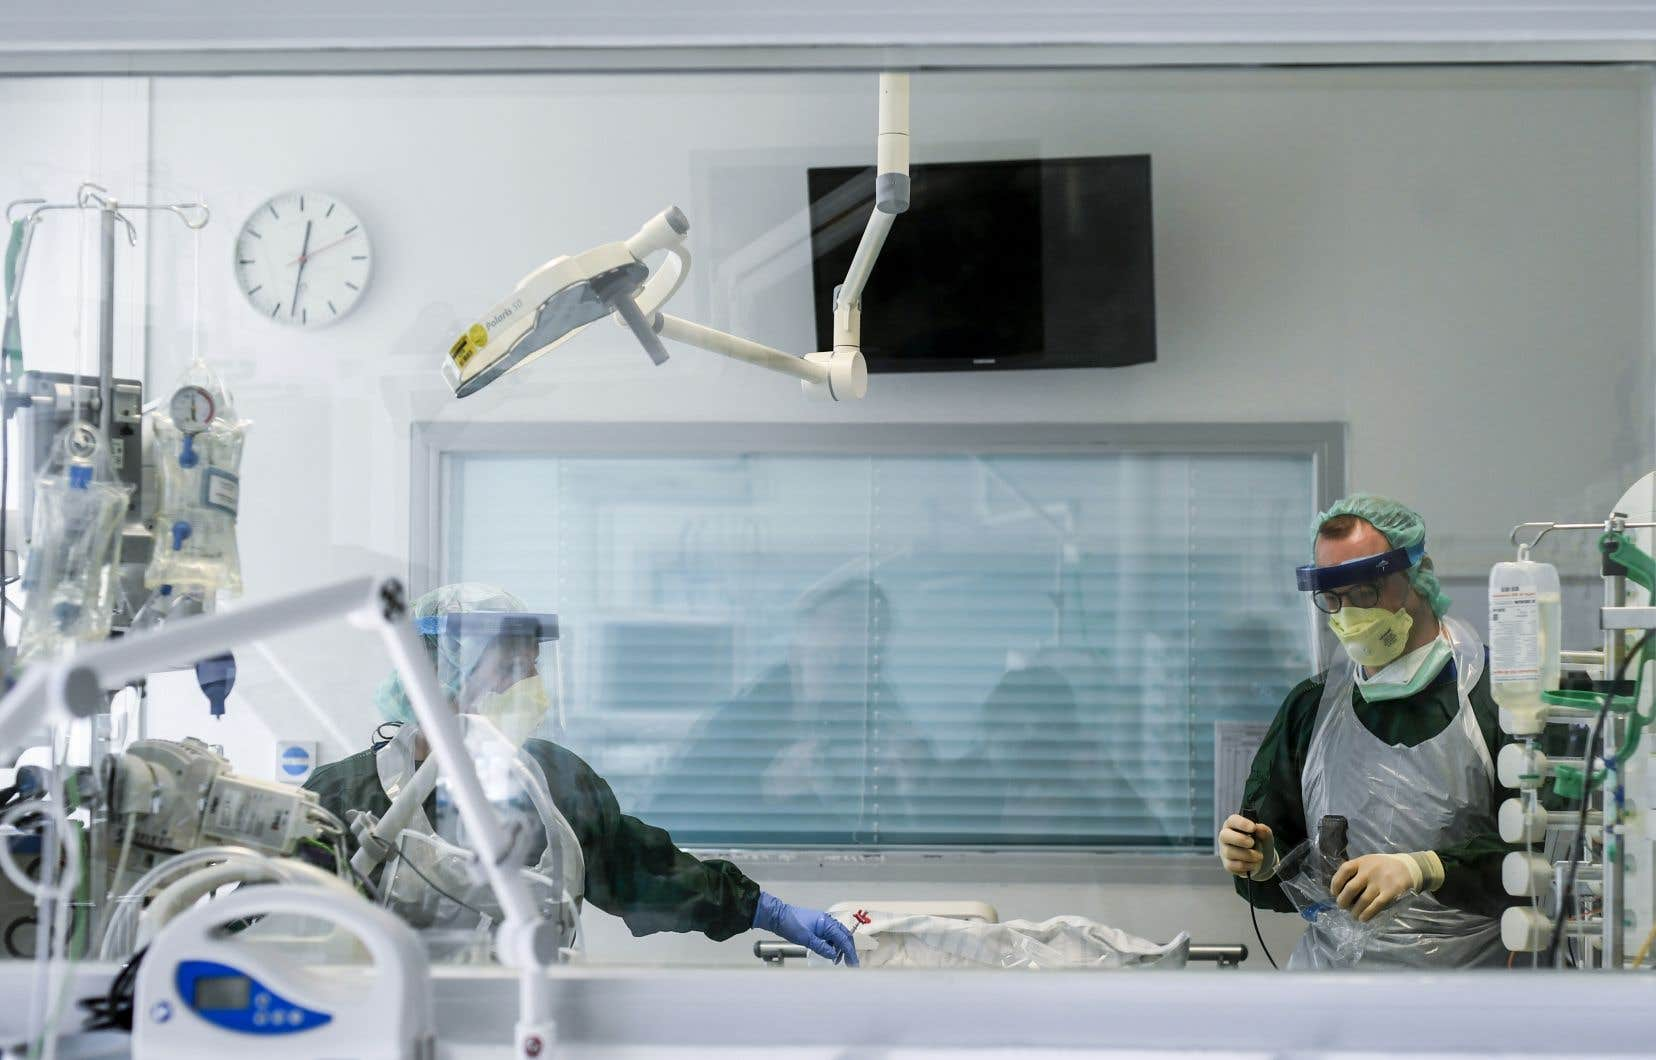 La Société française de médecine d'urgence prône la ventilation non invasive pour éviter l'intubation.